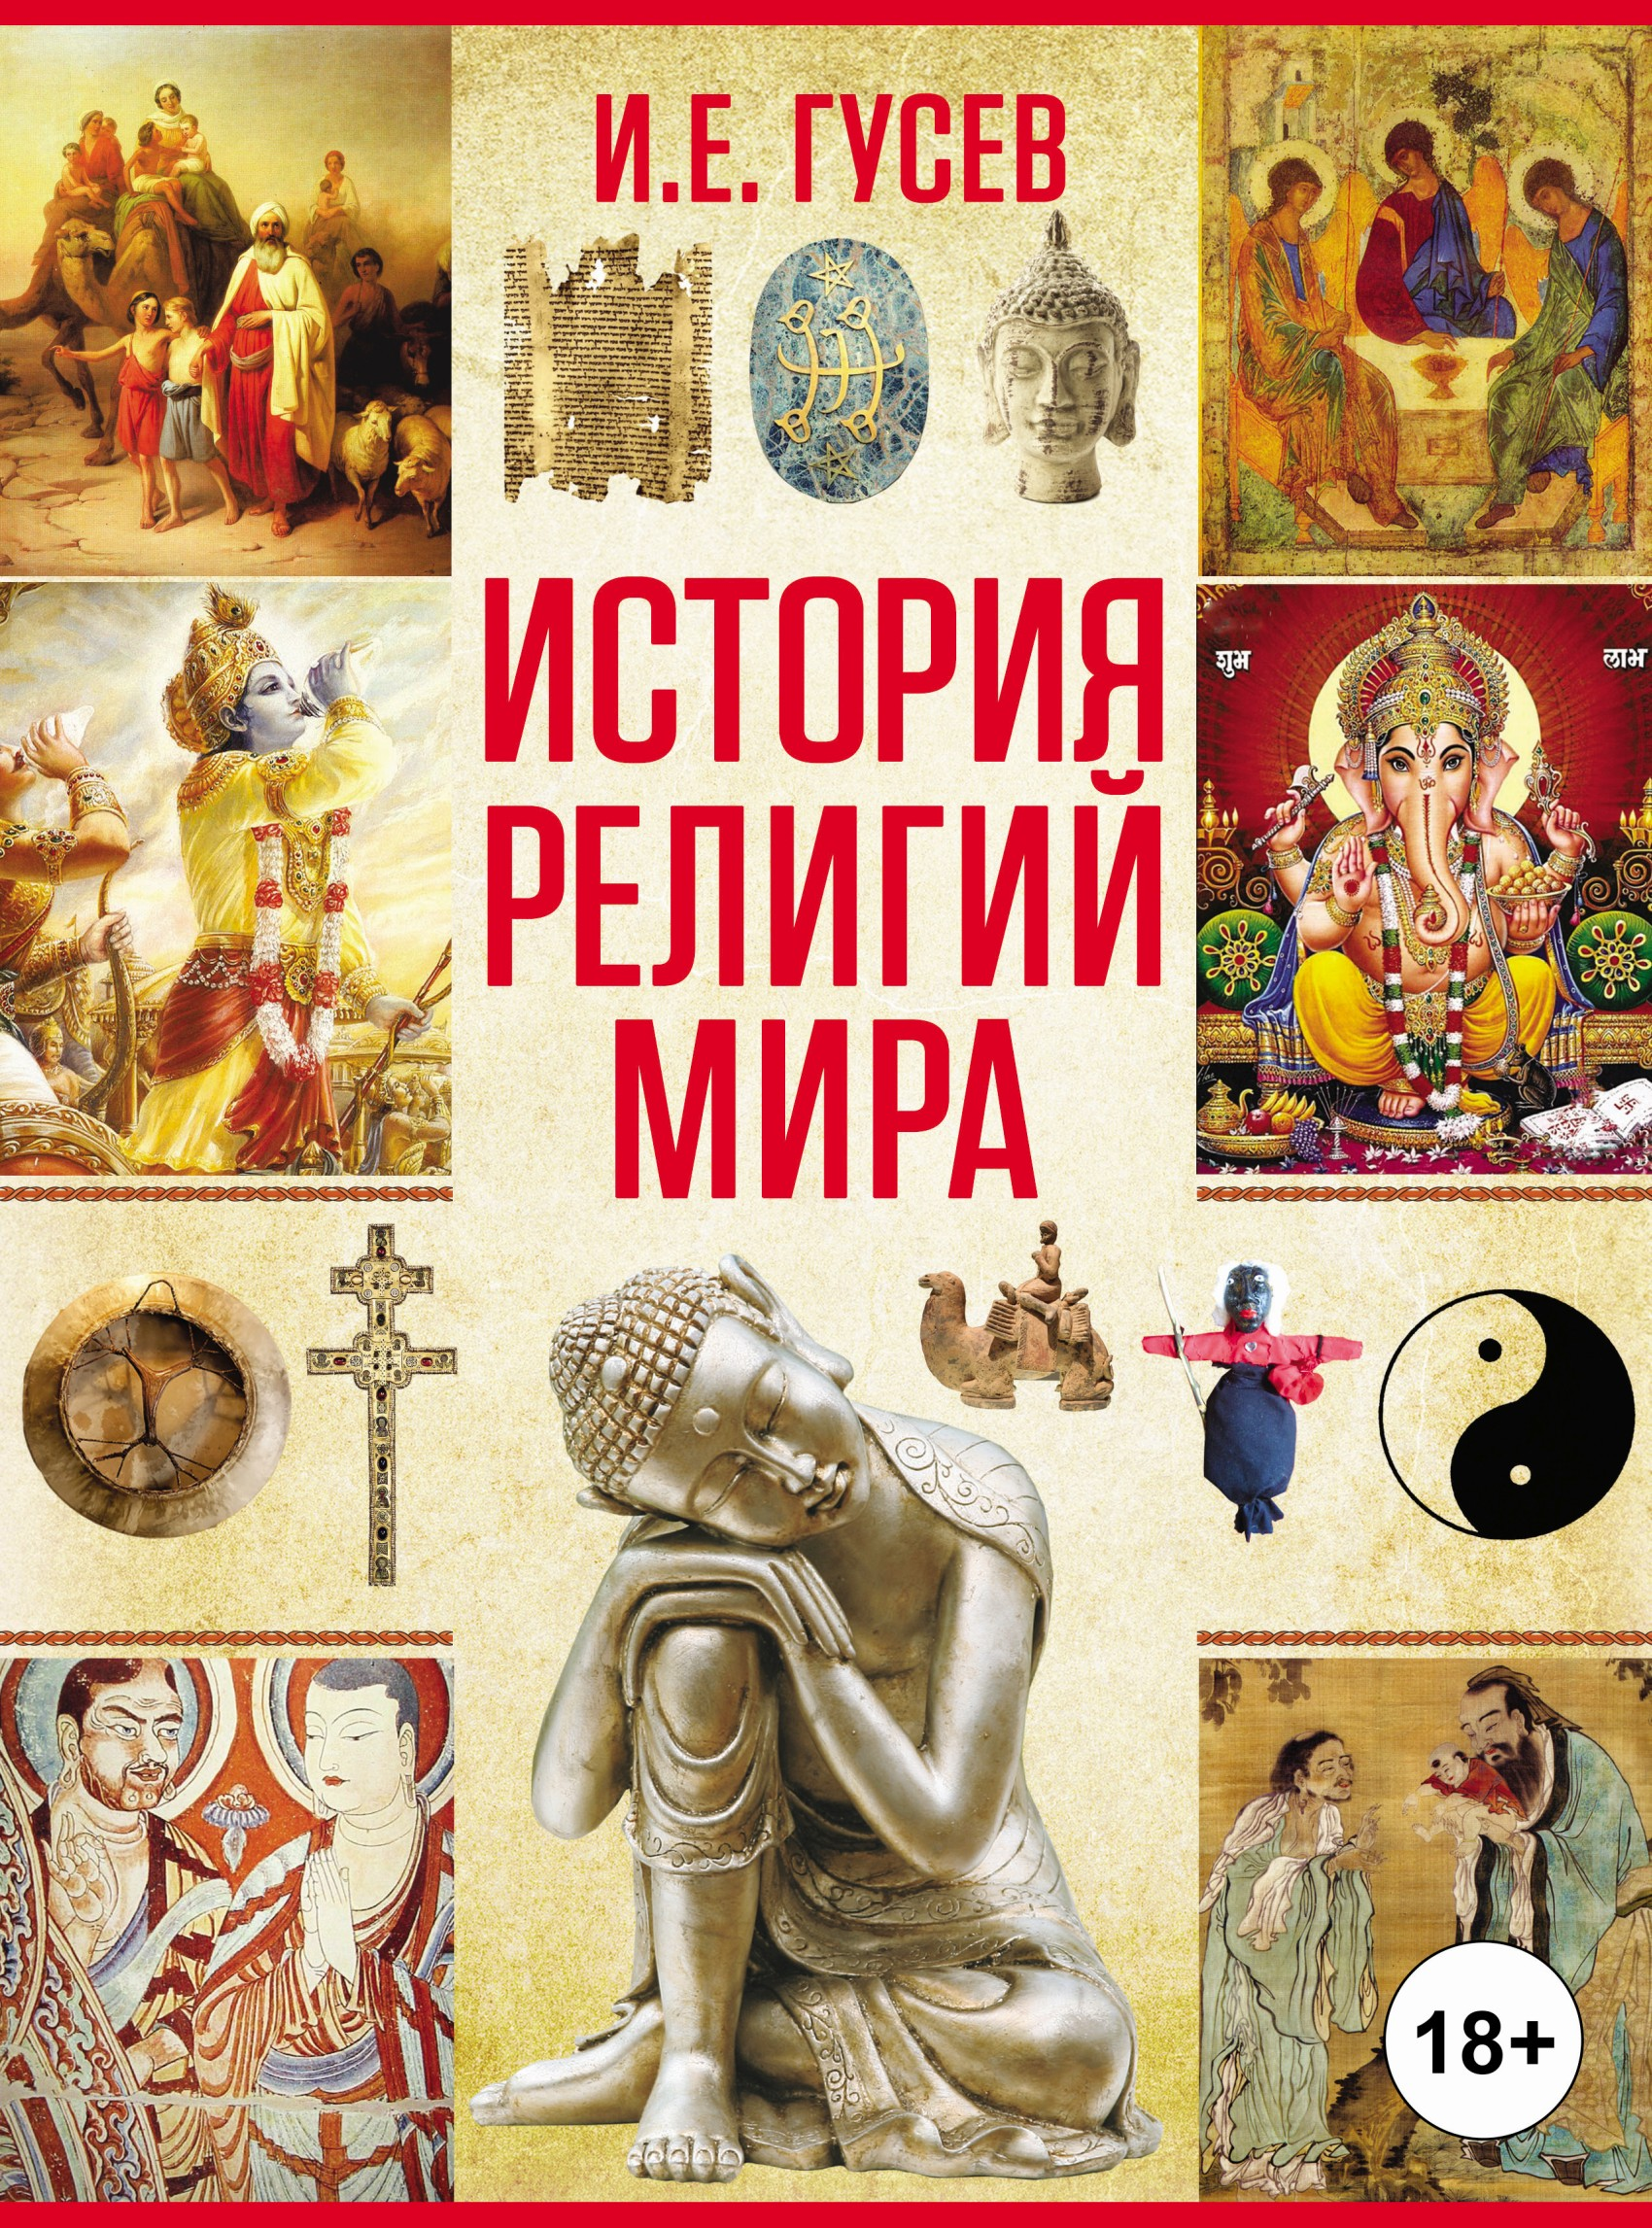 Купить книгу История религий мира, автора И. Е. Гусева